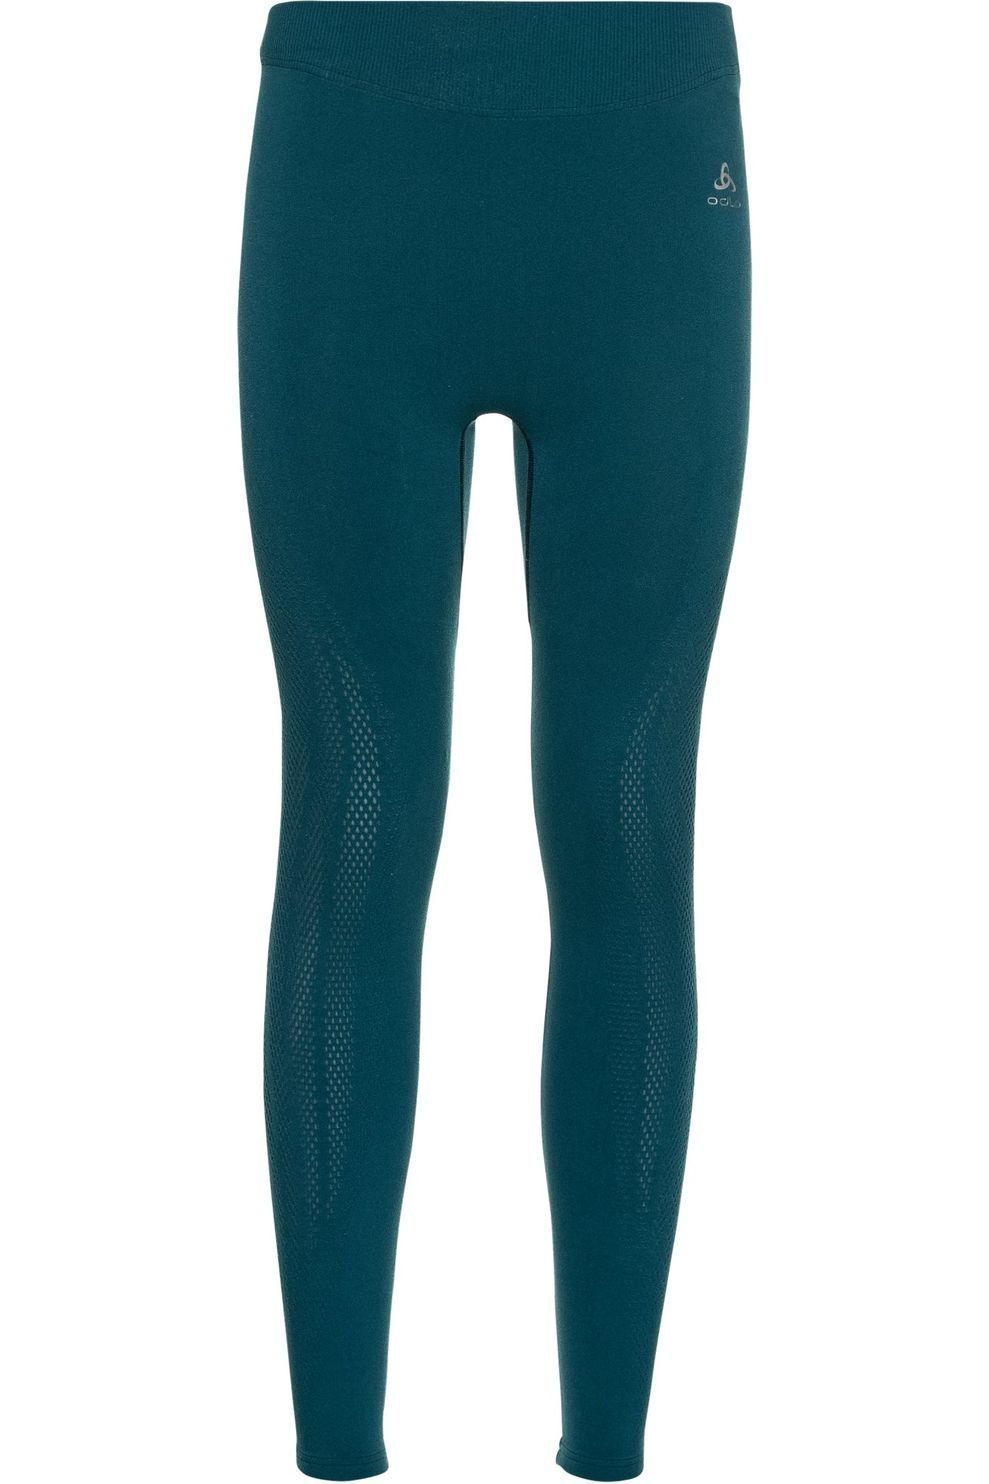 Odlo Legging Zaha voor dames - Blauw - Maten: XS-S, M-L - Nieuwe collectie